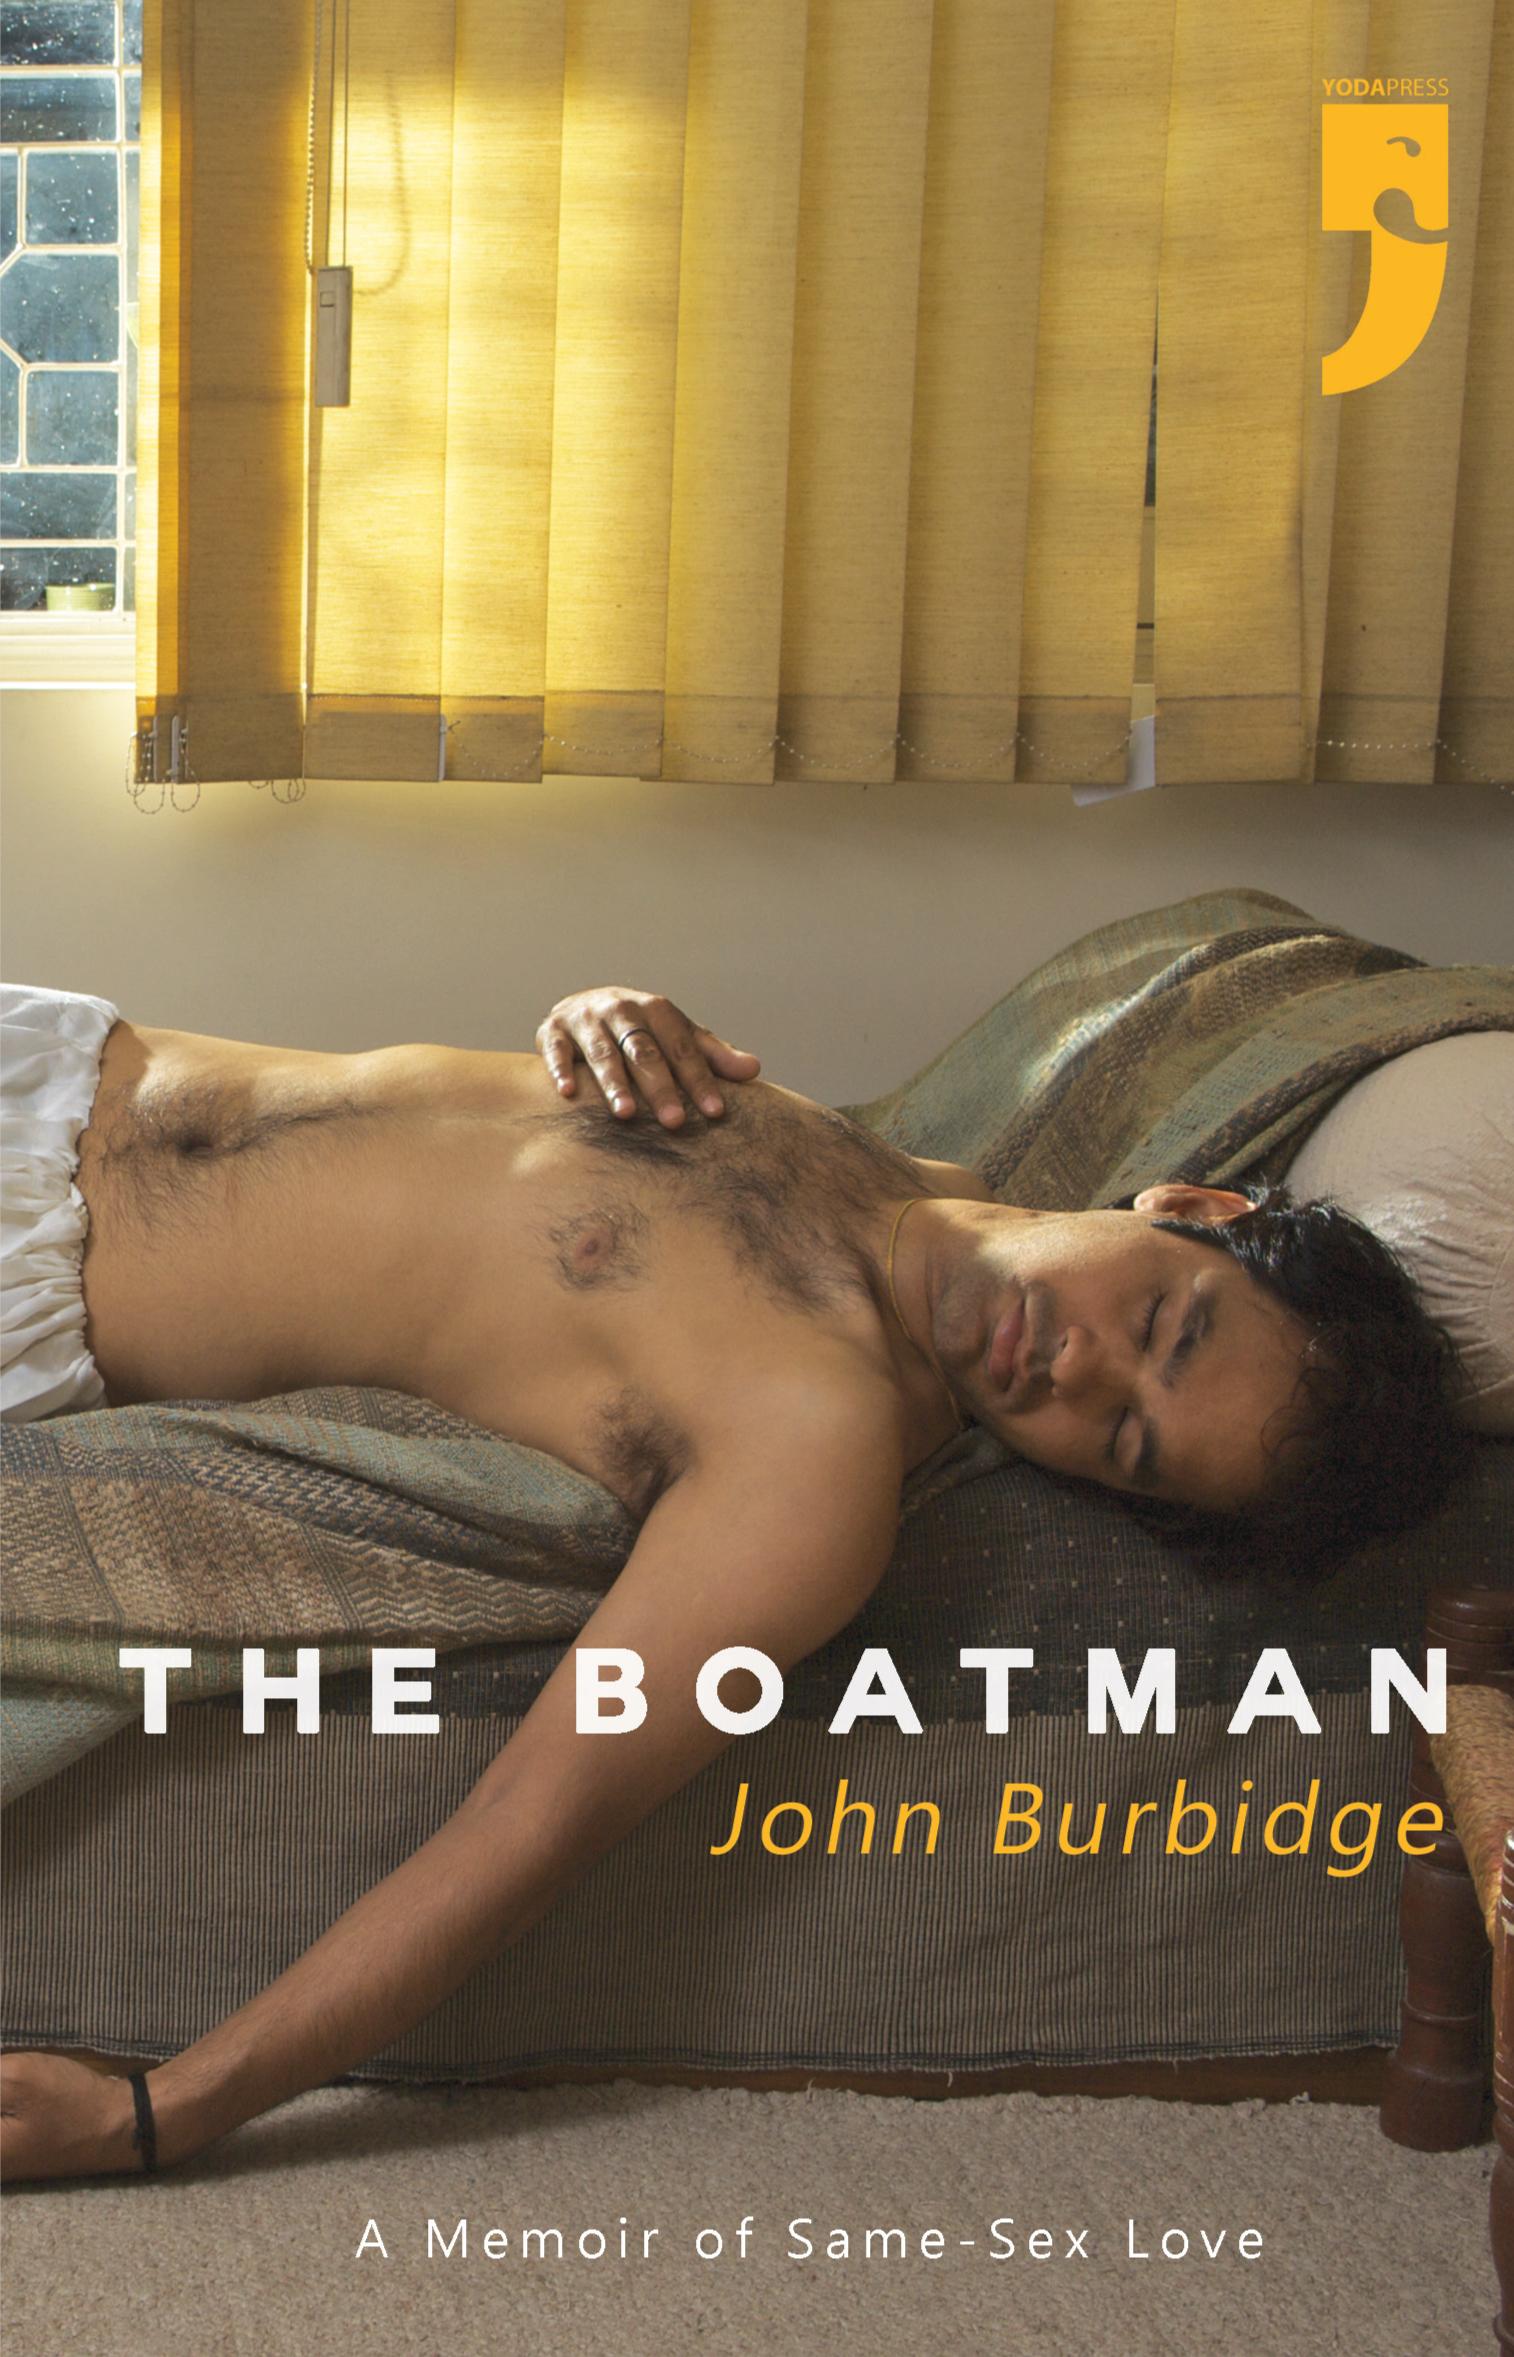 Extract from 'The Boatman' by John Burbidge (Yoda Press, 2014)